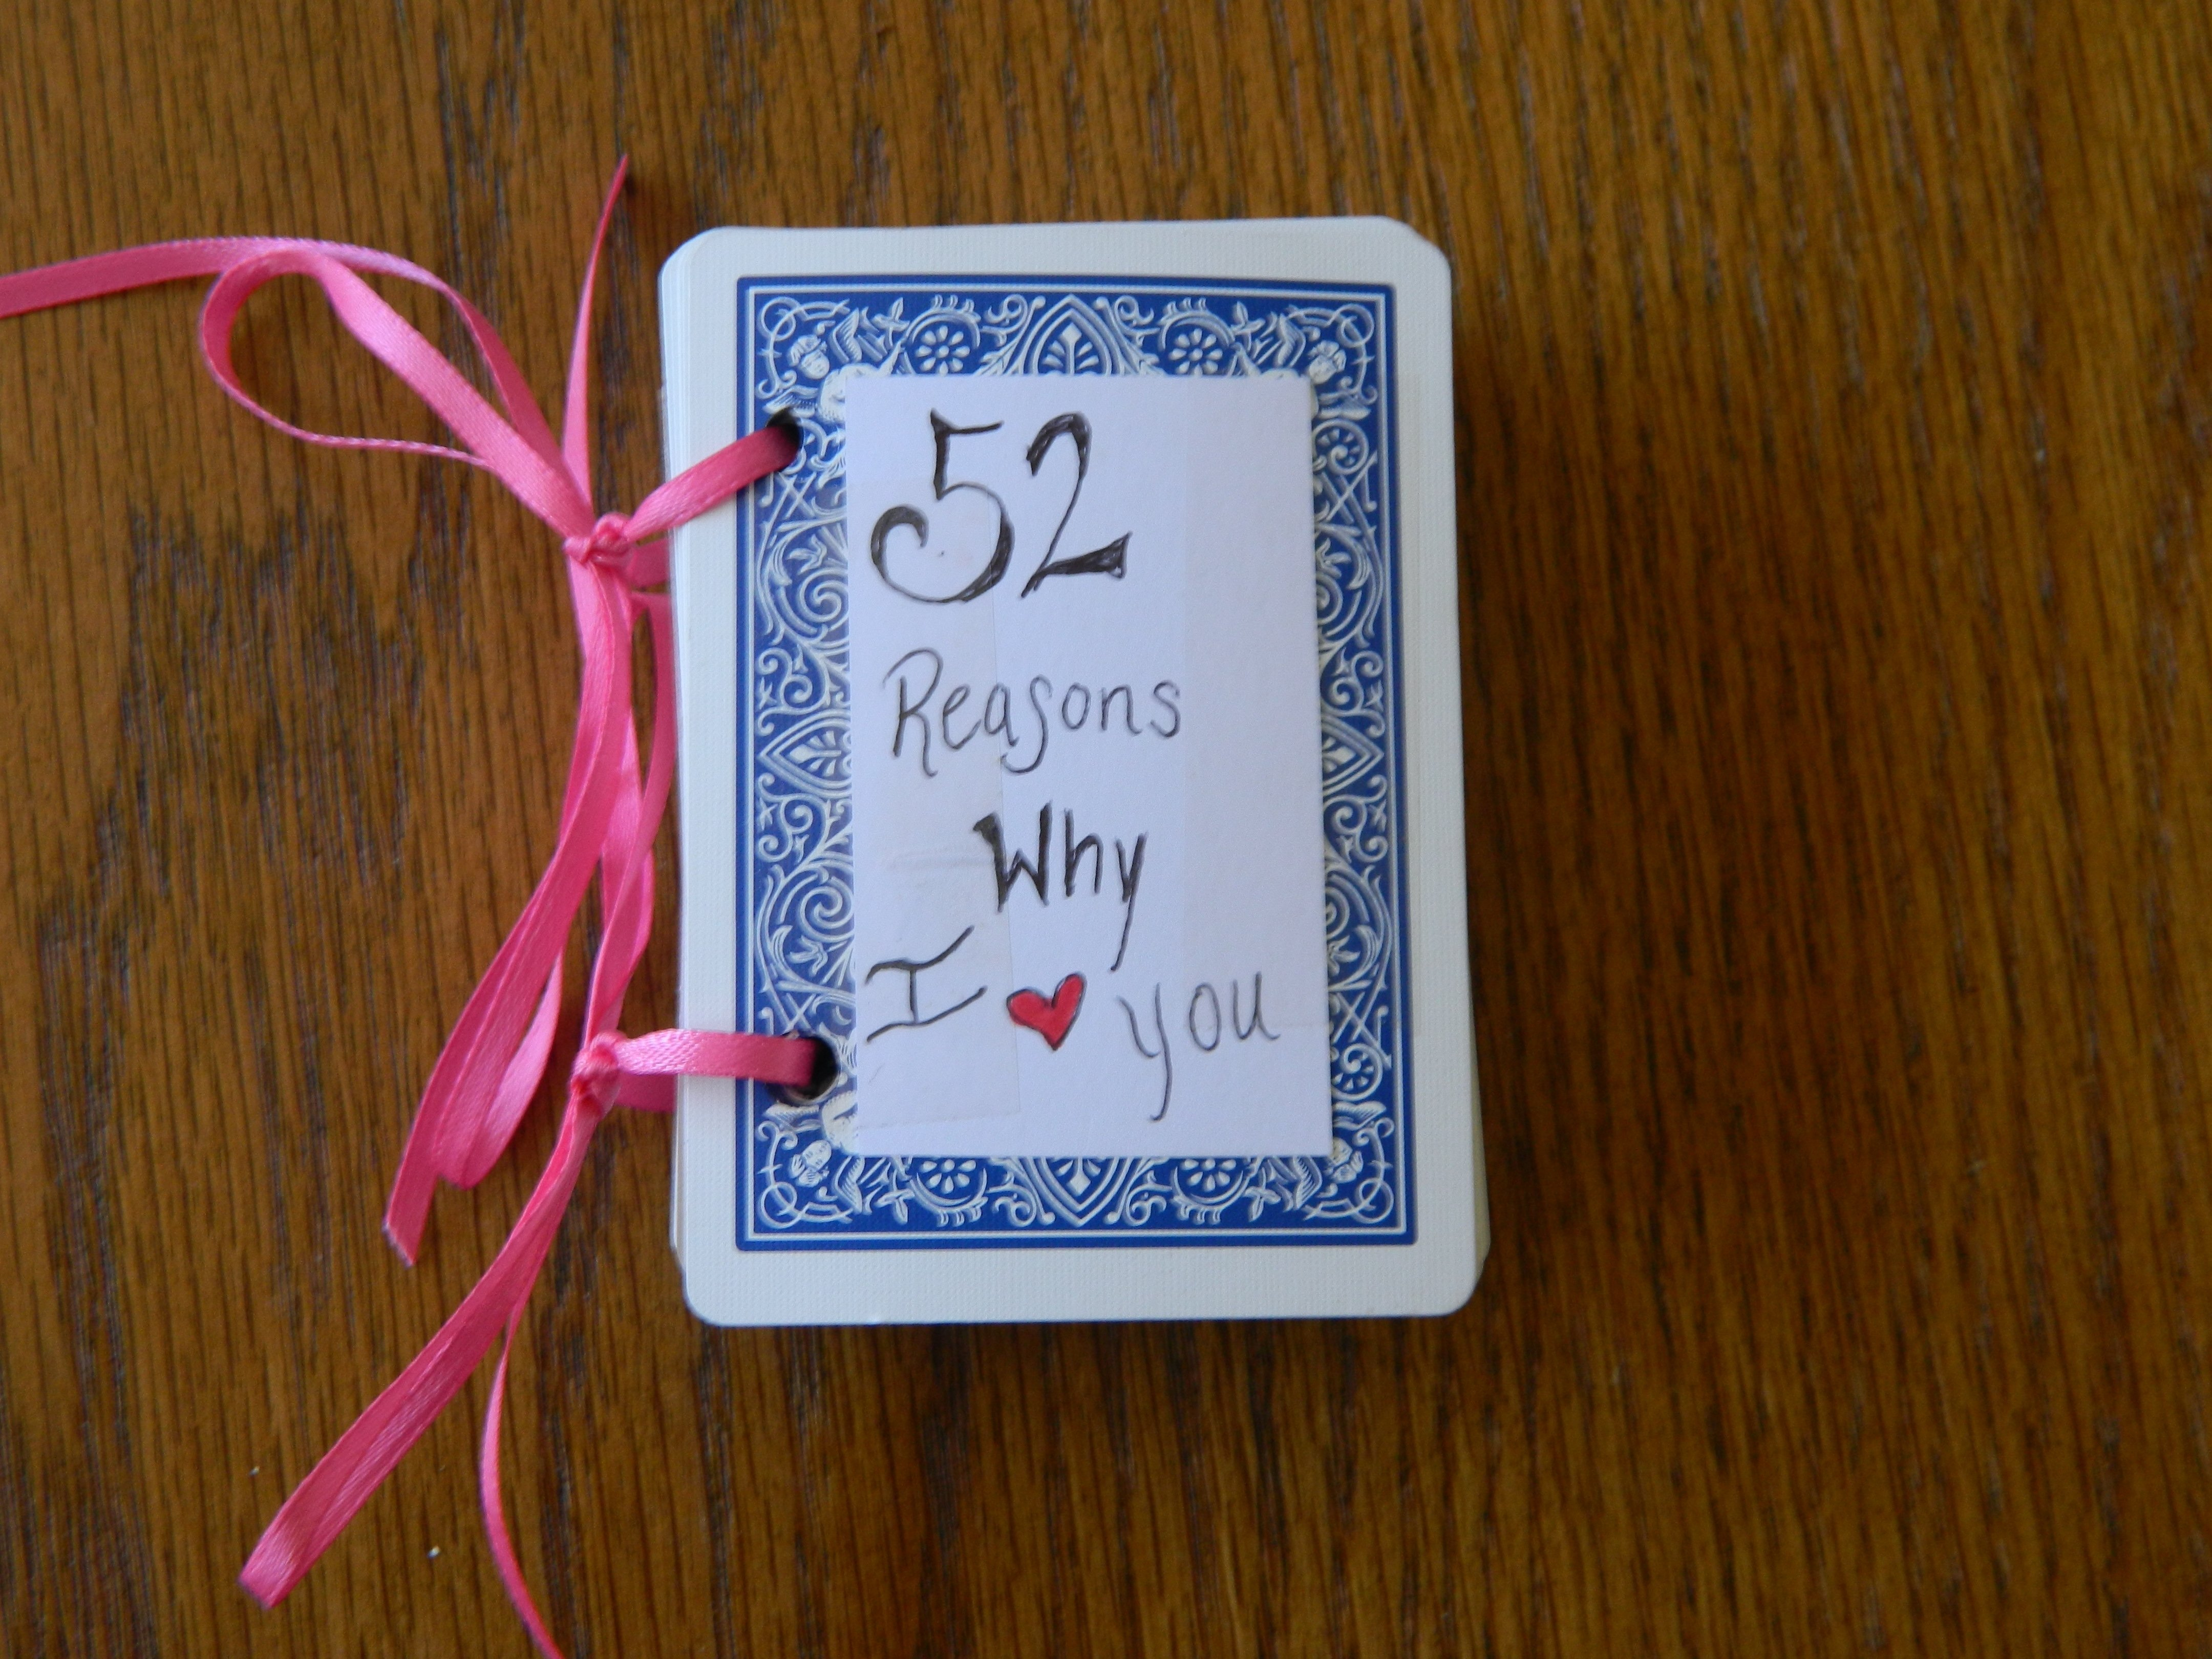 31 Wedding Anniversary Gift: 10 Beautiful 1 Month Anniversary Gift Ideas 2019